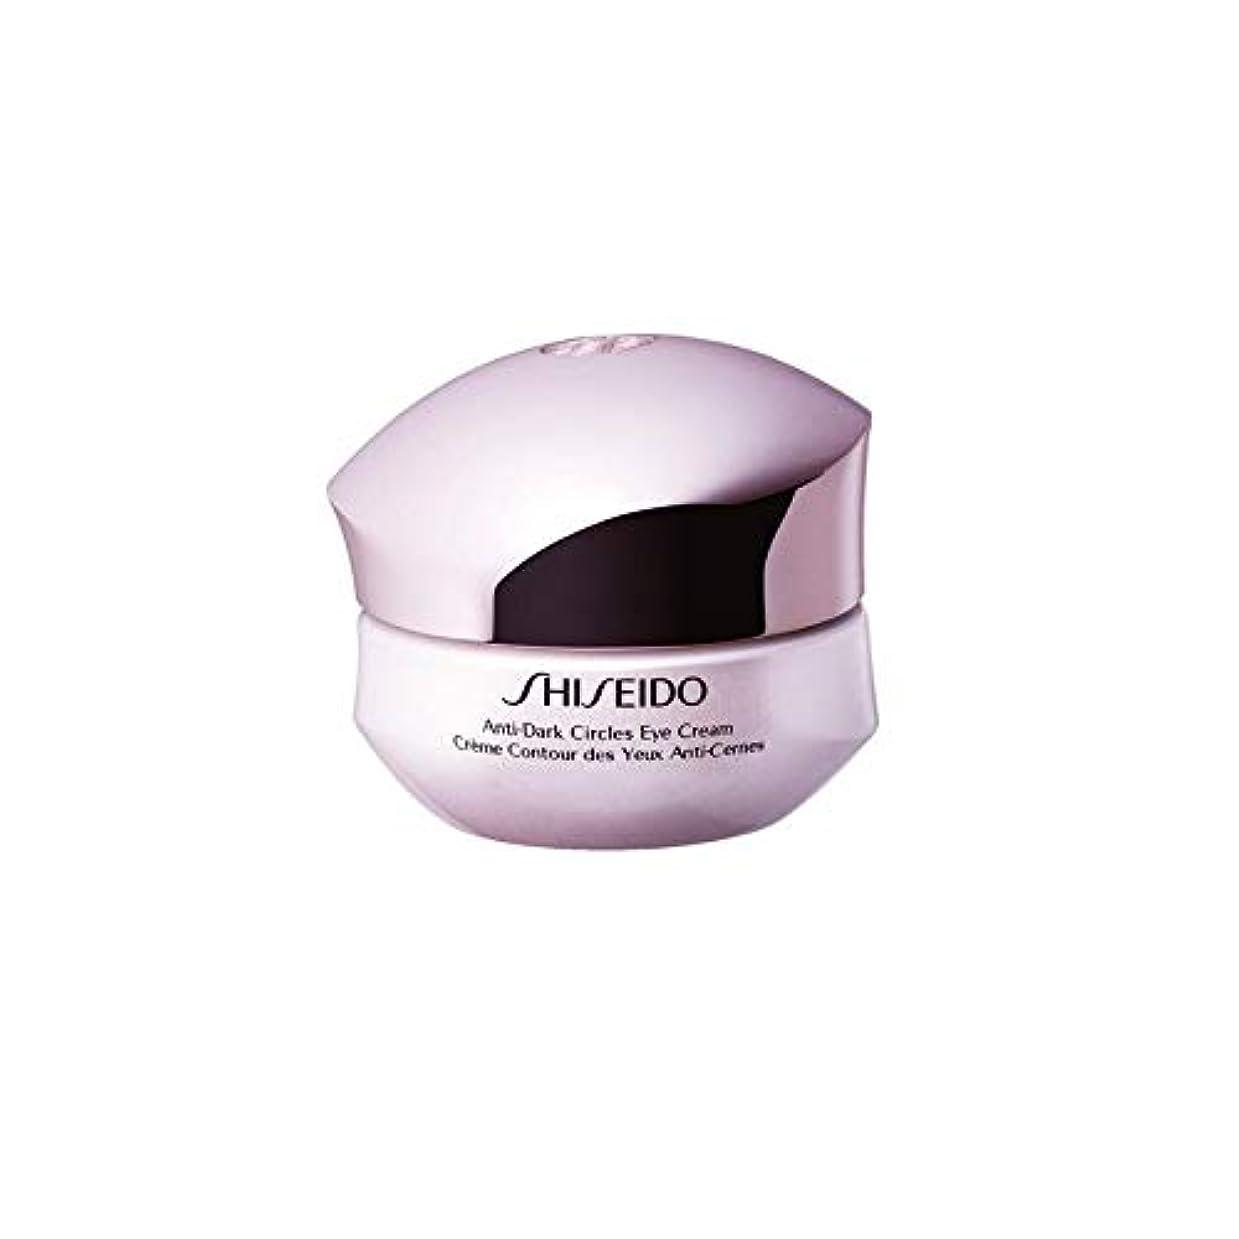 本質的ではない侵入する選出する[Shiseido] 資生堂Antidark円アイクリーム(15ミリリットル) - Shiseido Antidark Circles Eye Cream (15ml) [並行輸入品]